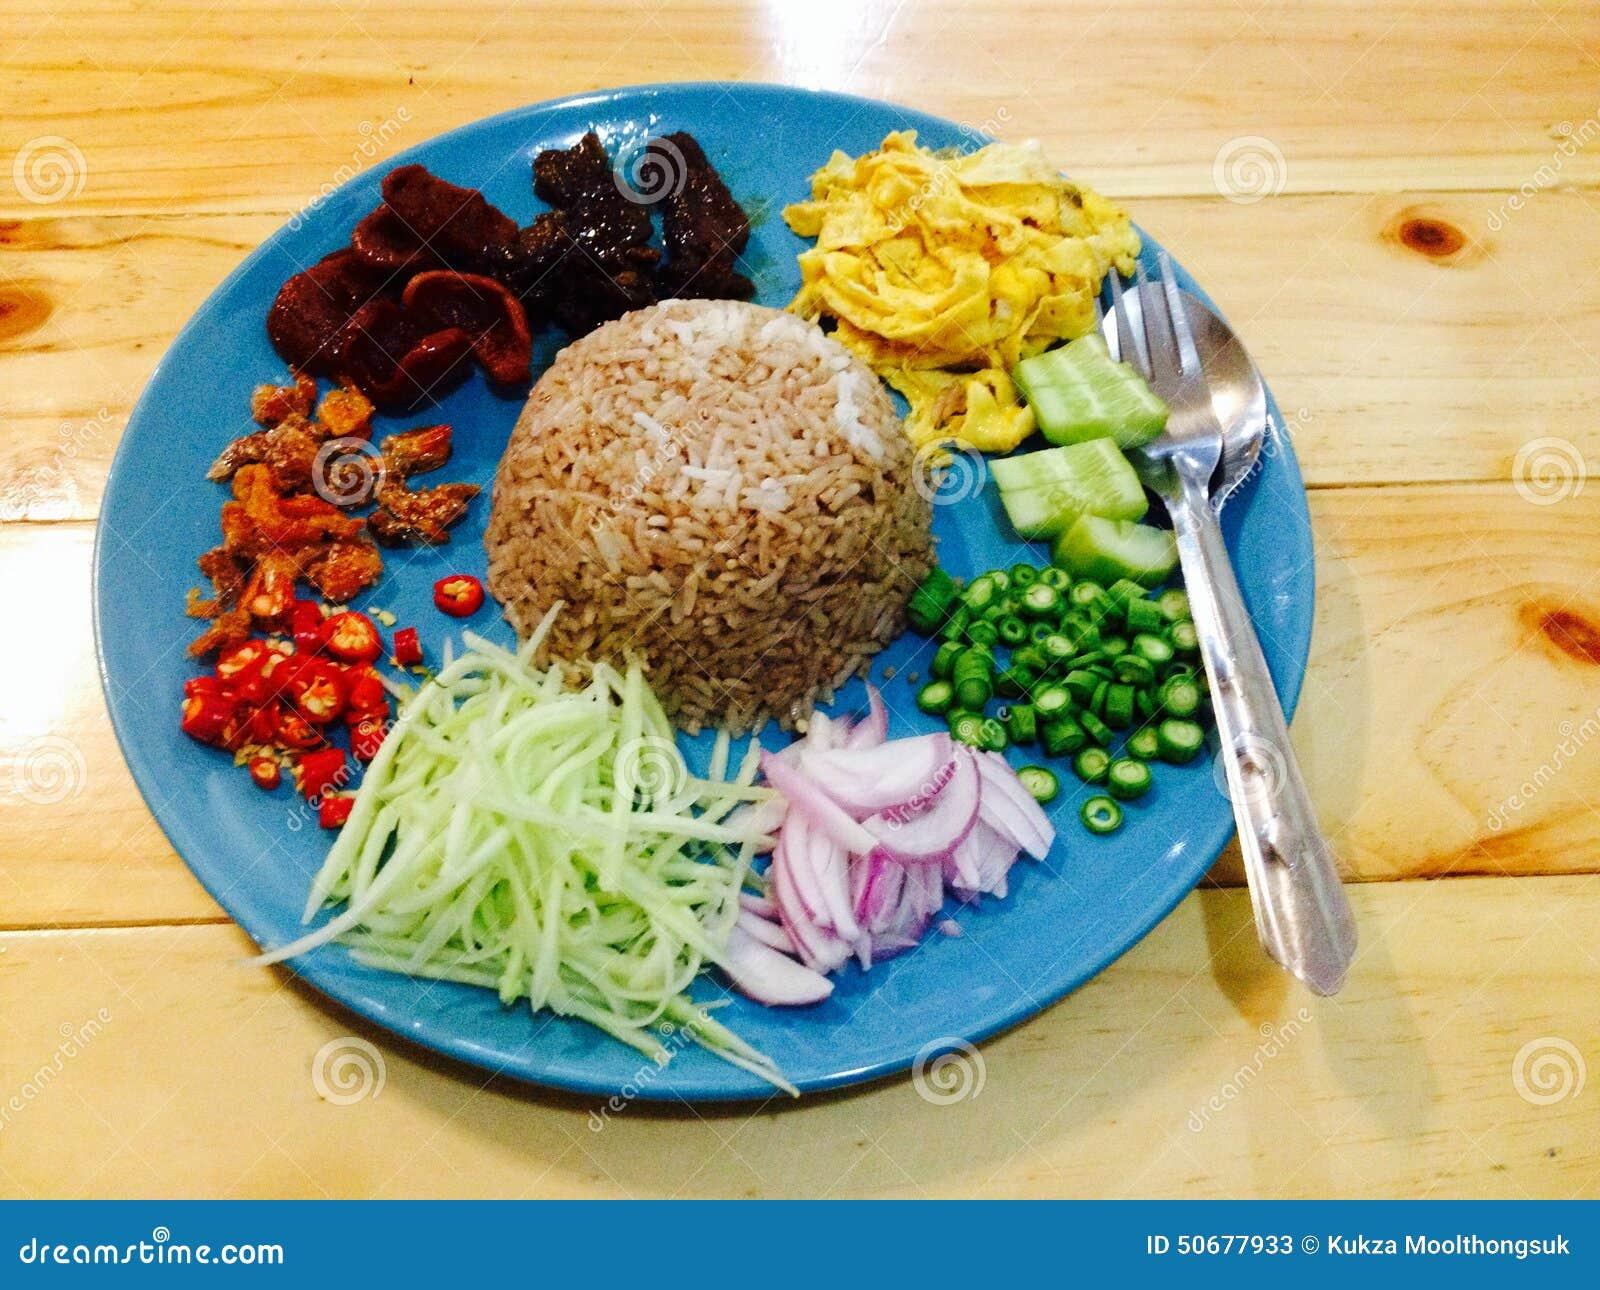 Download 泰国的食物 编辑类库存照片. 图片 包括有 鸡蛋, 名字, 食物, 蔬菜, 泰国, 芒果 - 50677933